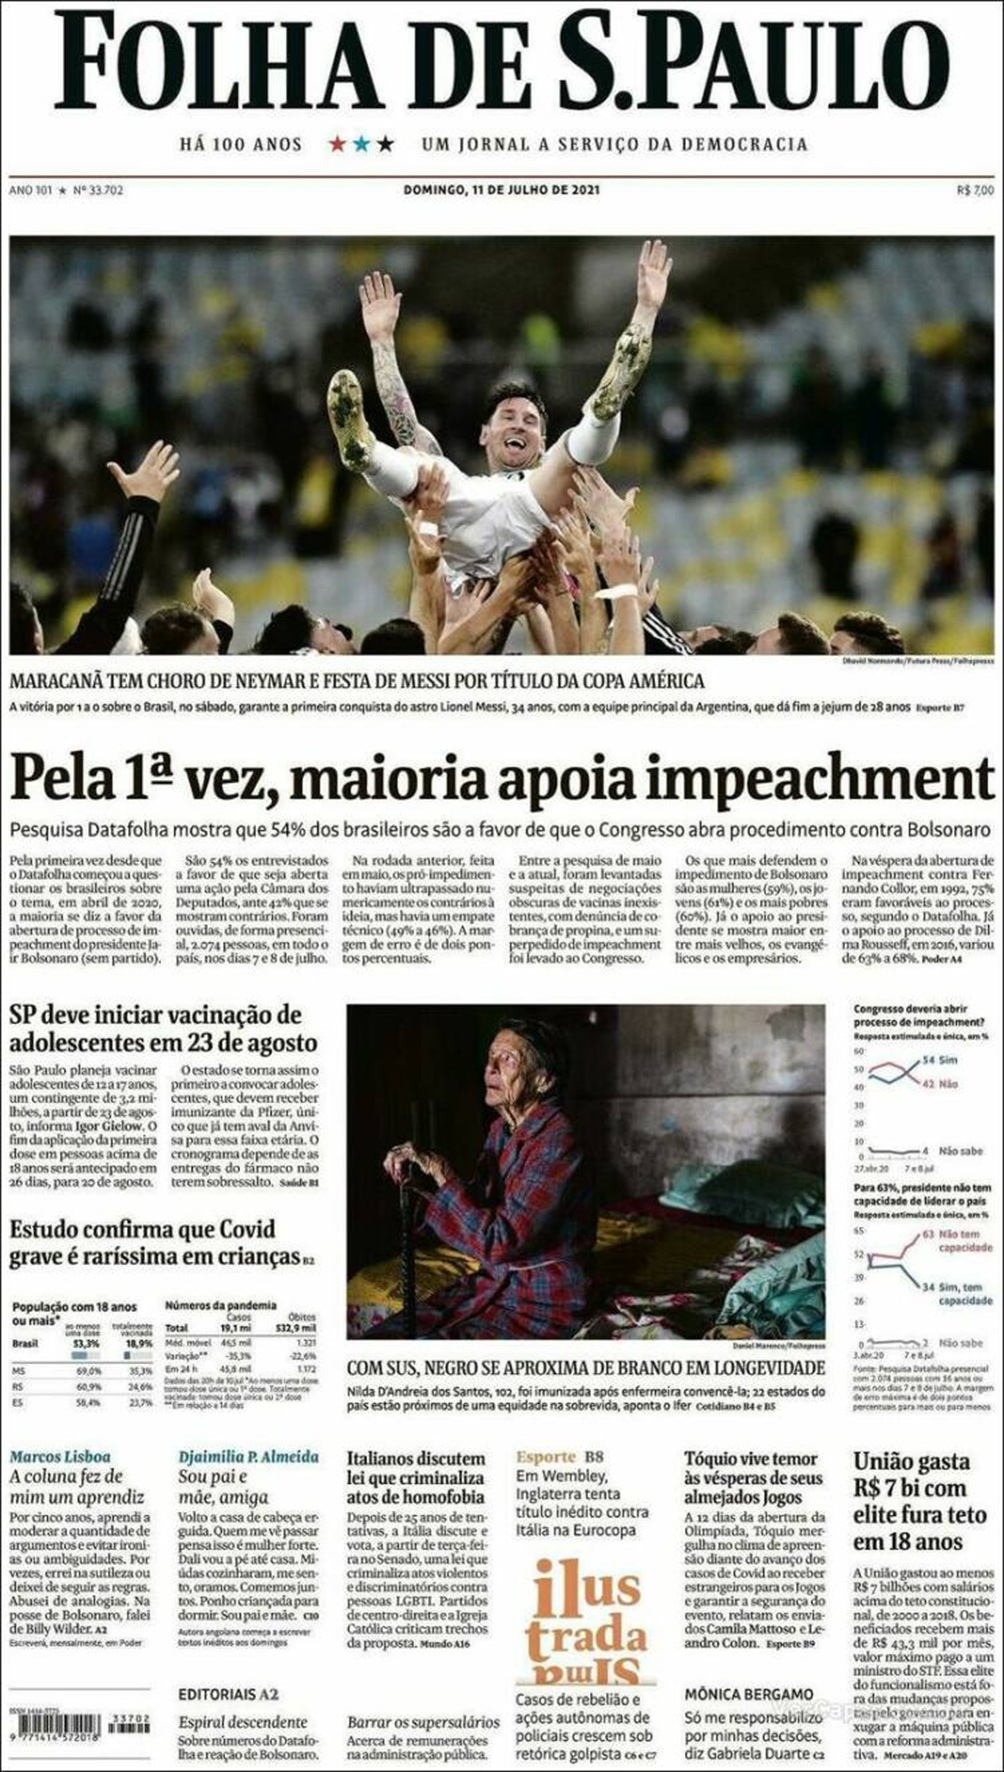 Folha de Sao Paulo le dedicó un espacio importante de su tapa a una foto de Messi en andas.